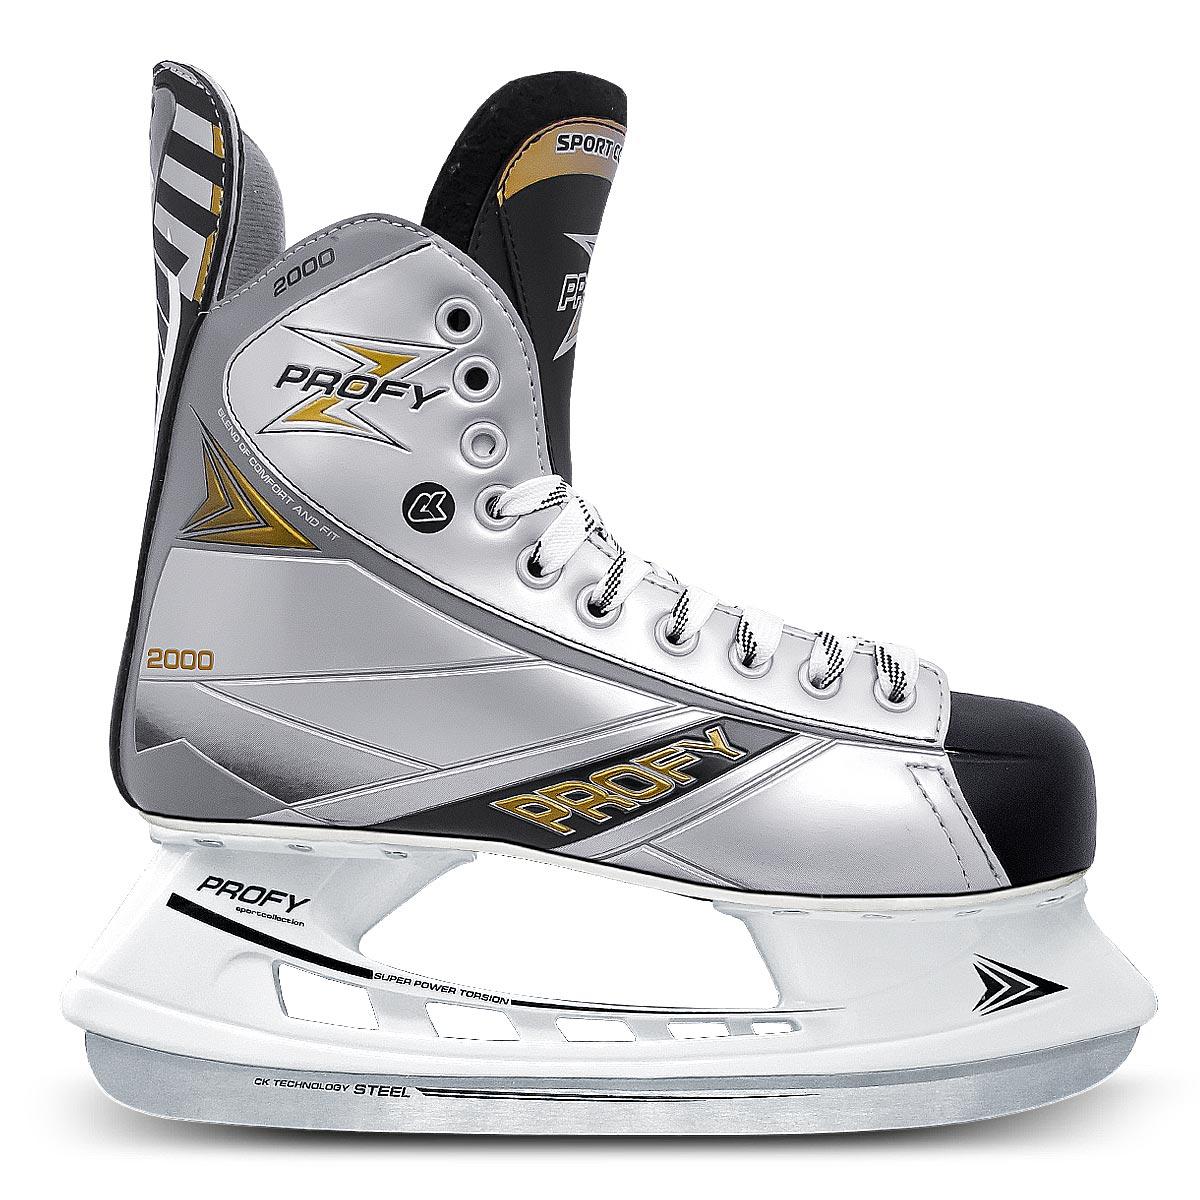 CK Коньки хоккейные для мальчика Profy Z 2000